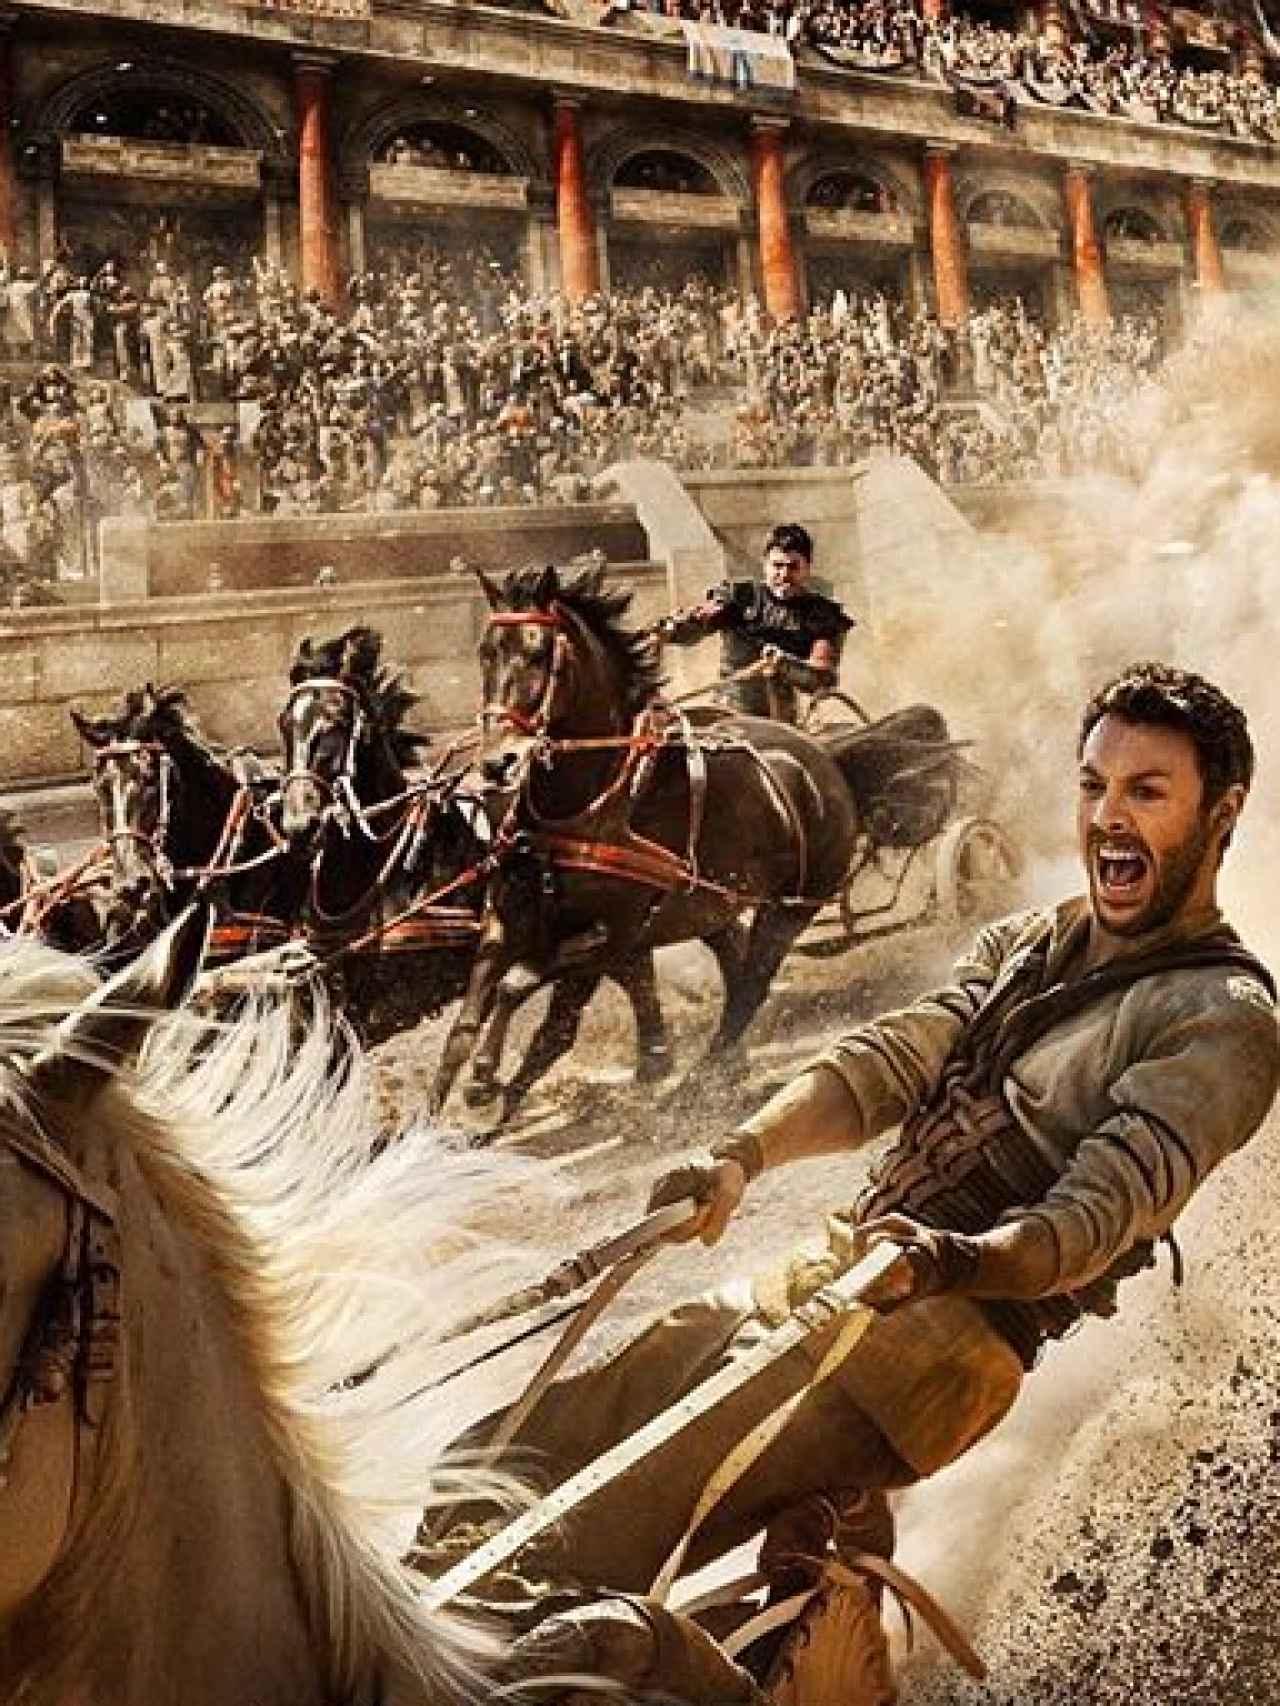 En el papel de Judah Ben-Hur